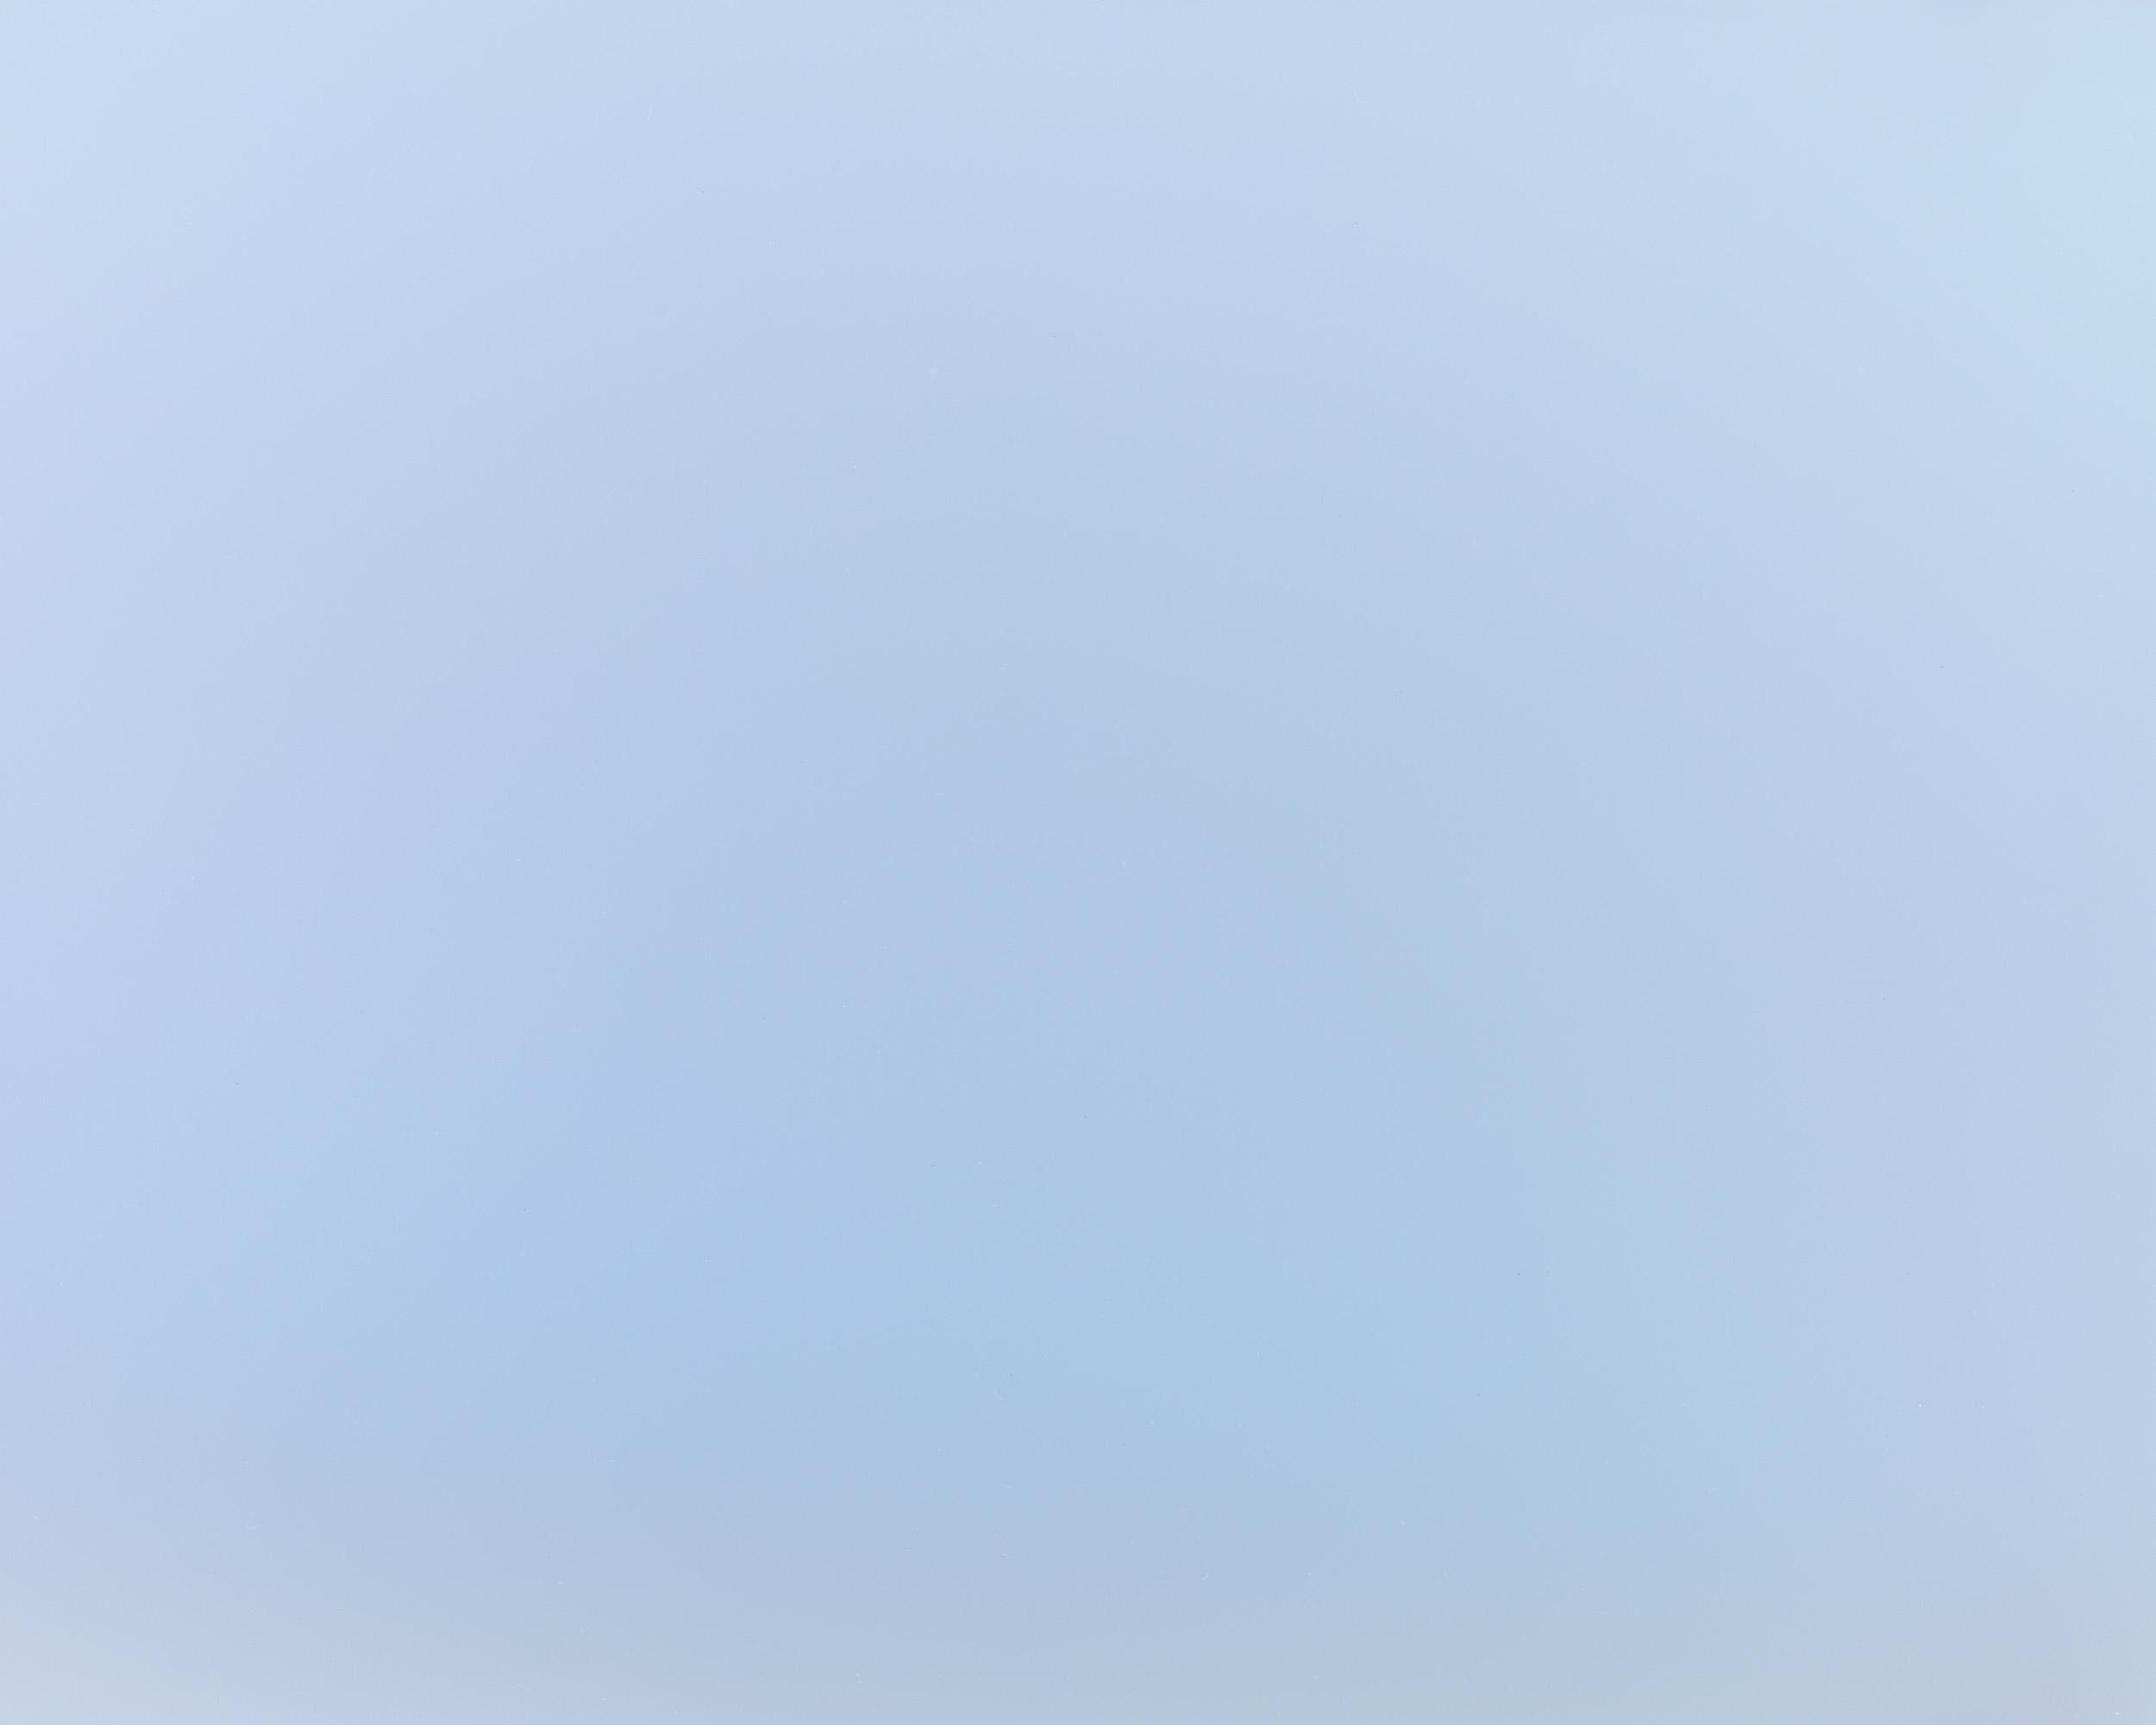 sky-12.jpg